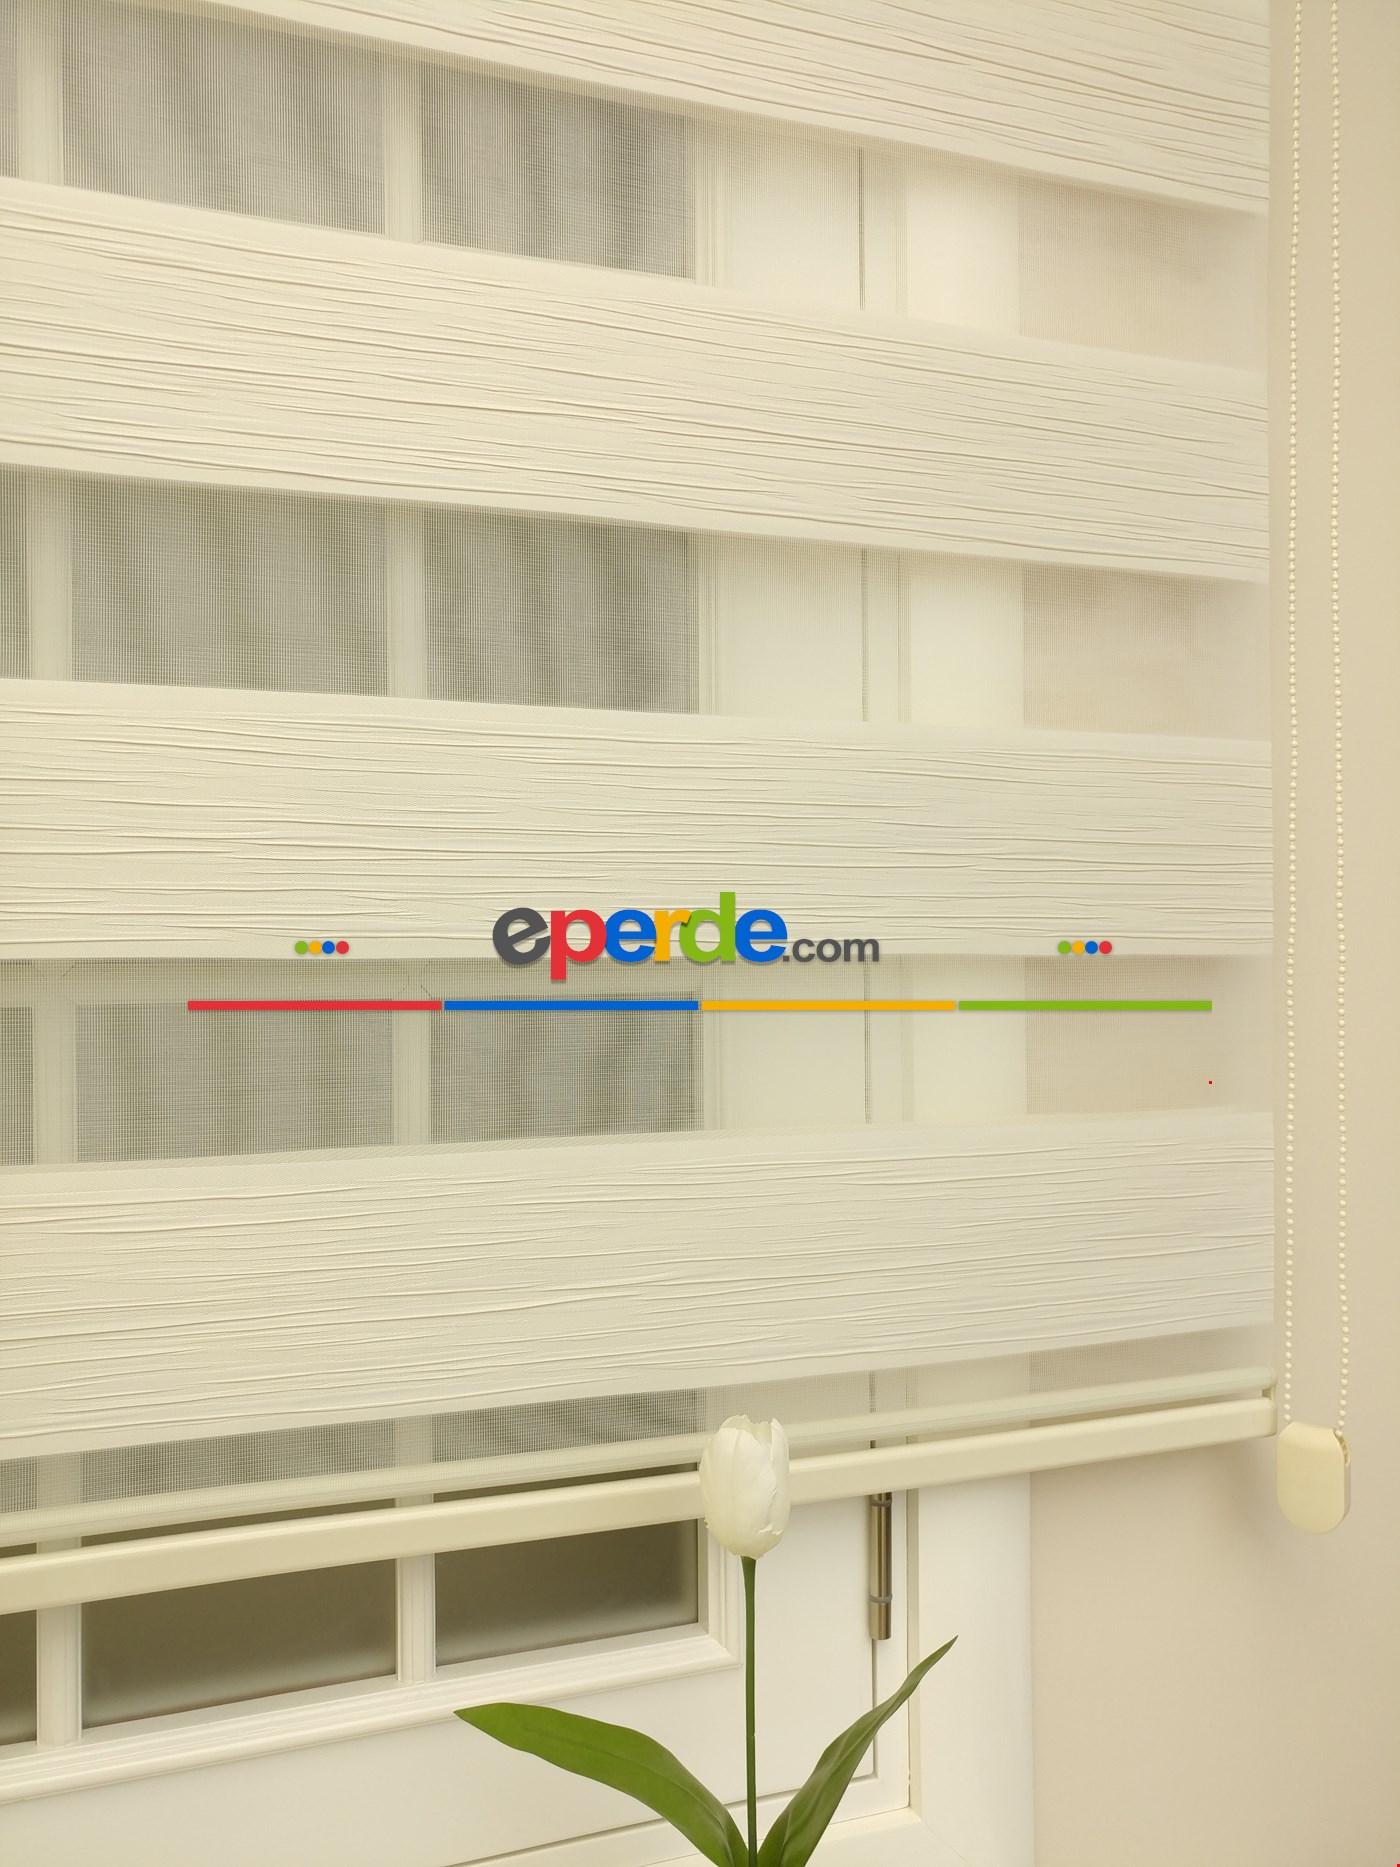 Zebra Perde - Mallorca Krem Bej Renk Kırık Plise (yeni Sezon) Krem